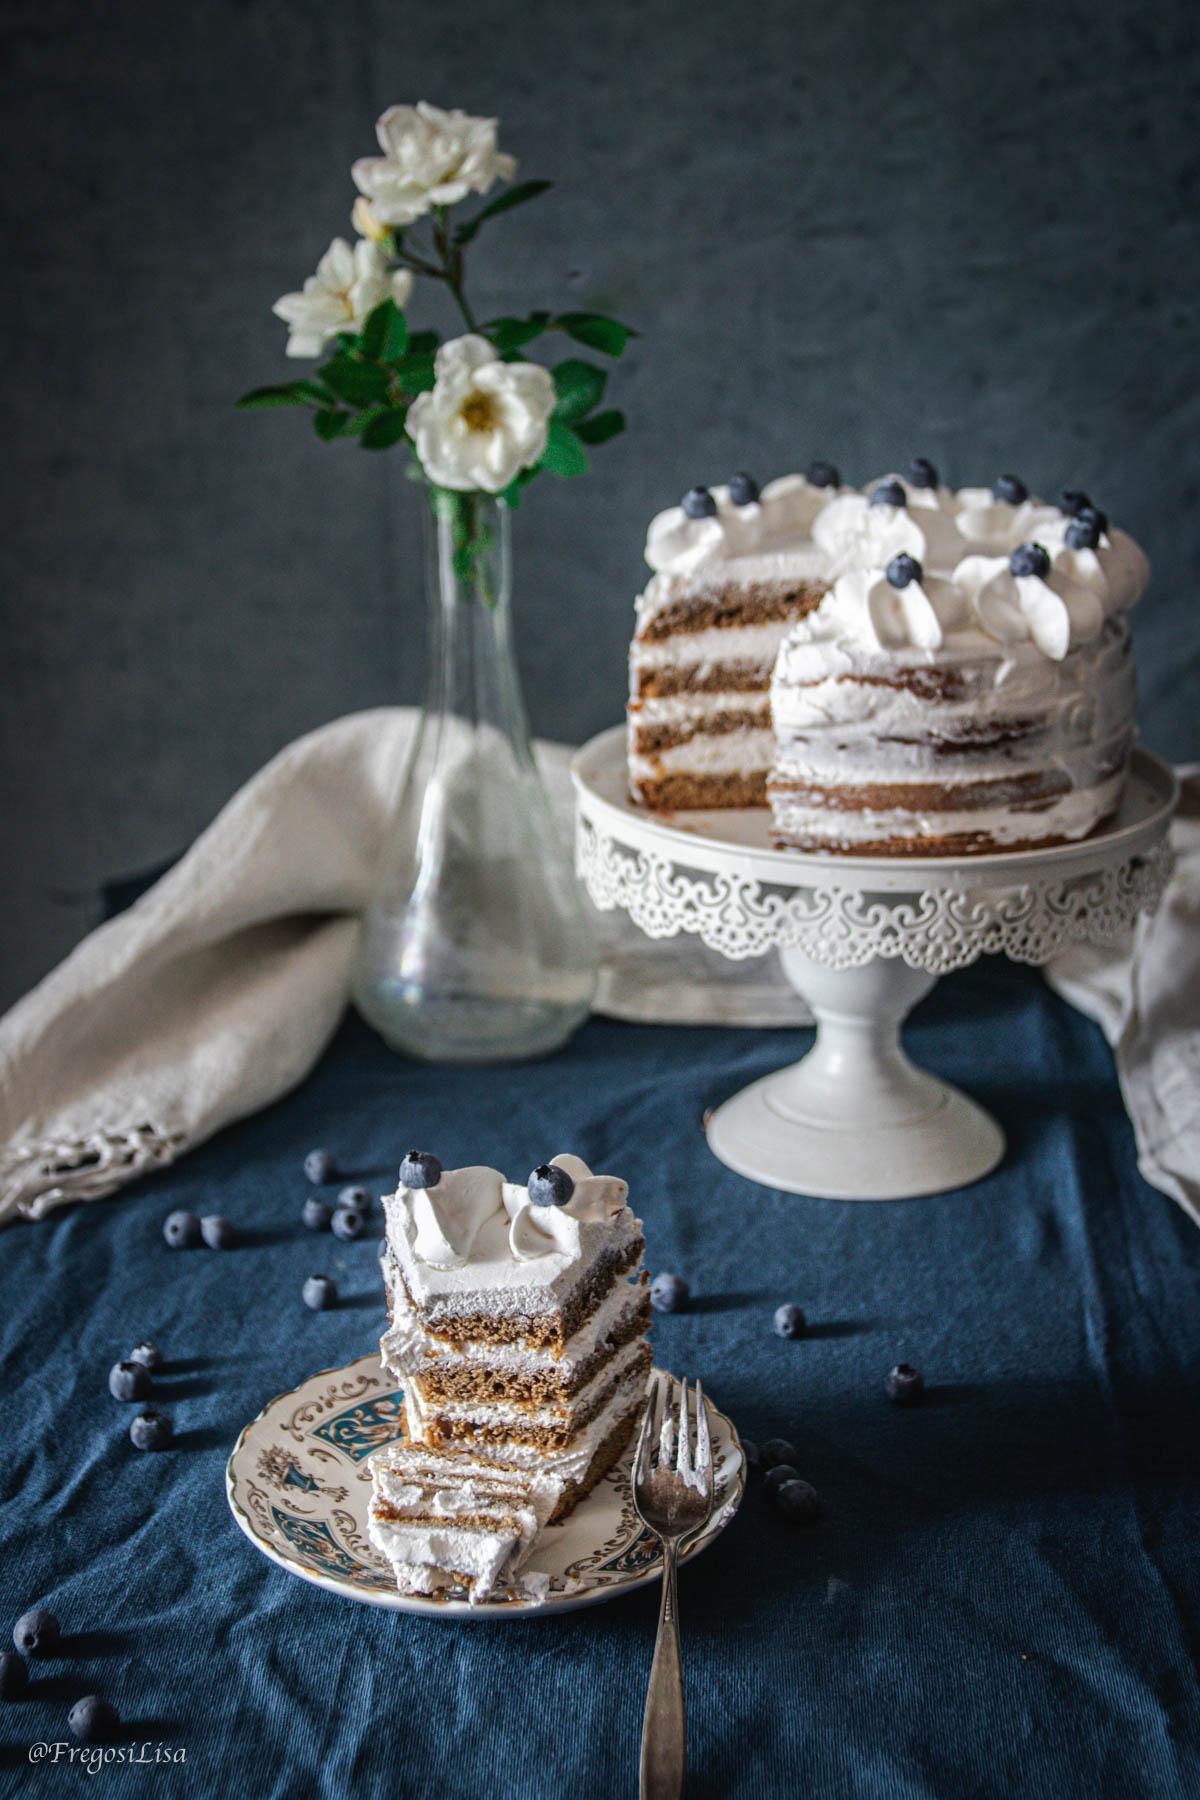 la 4/4 come base per fare una naked cake